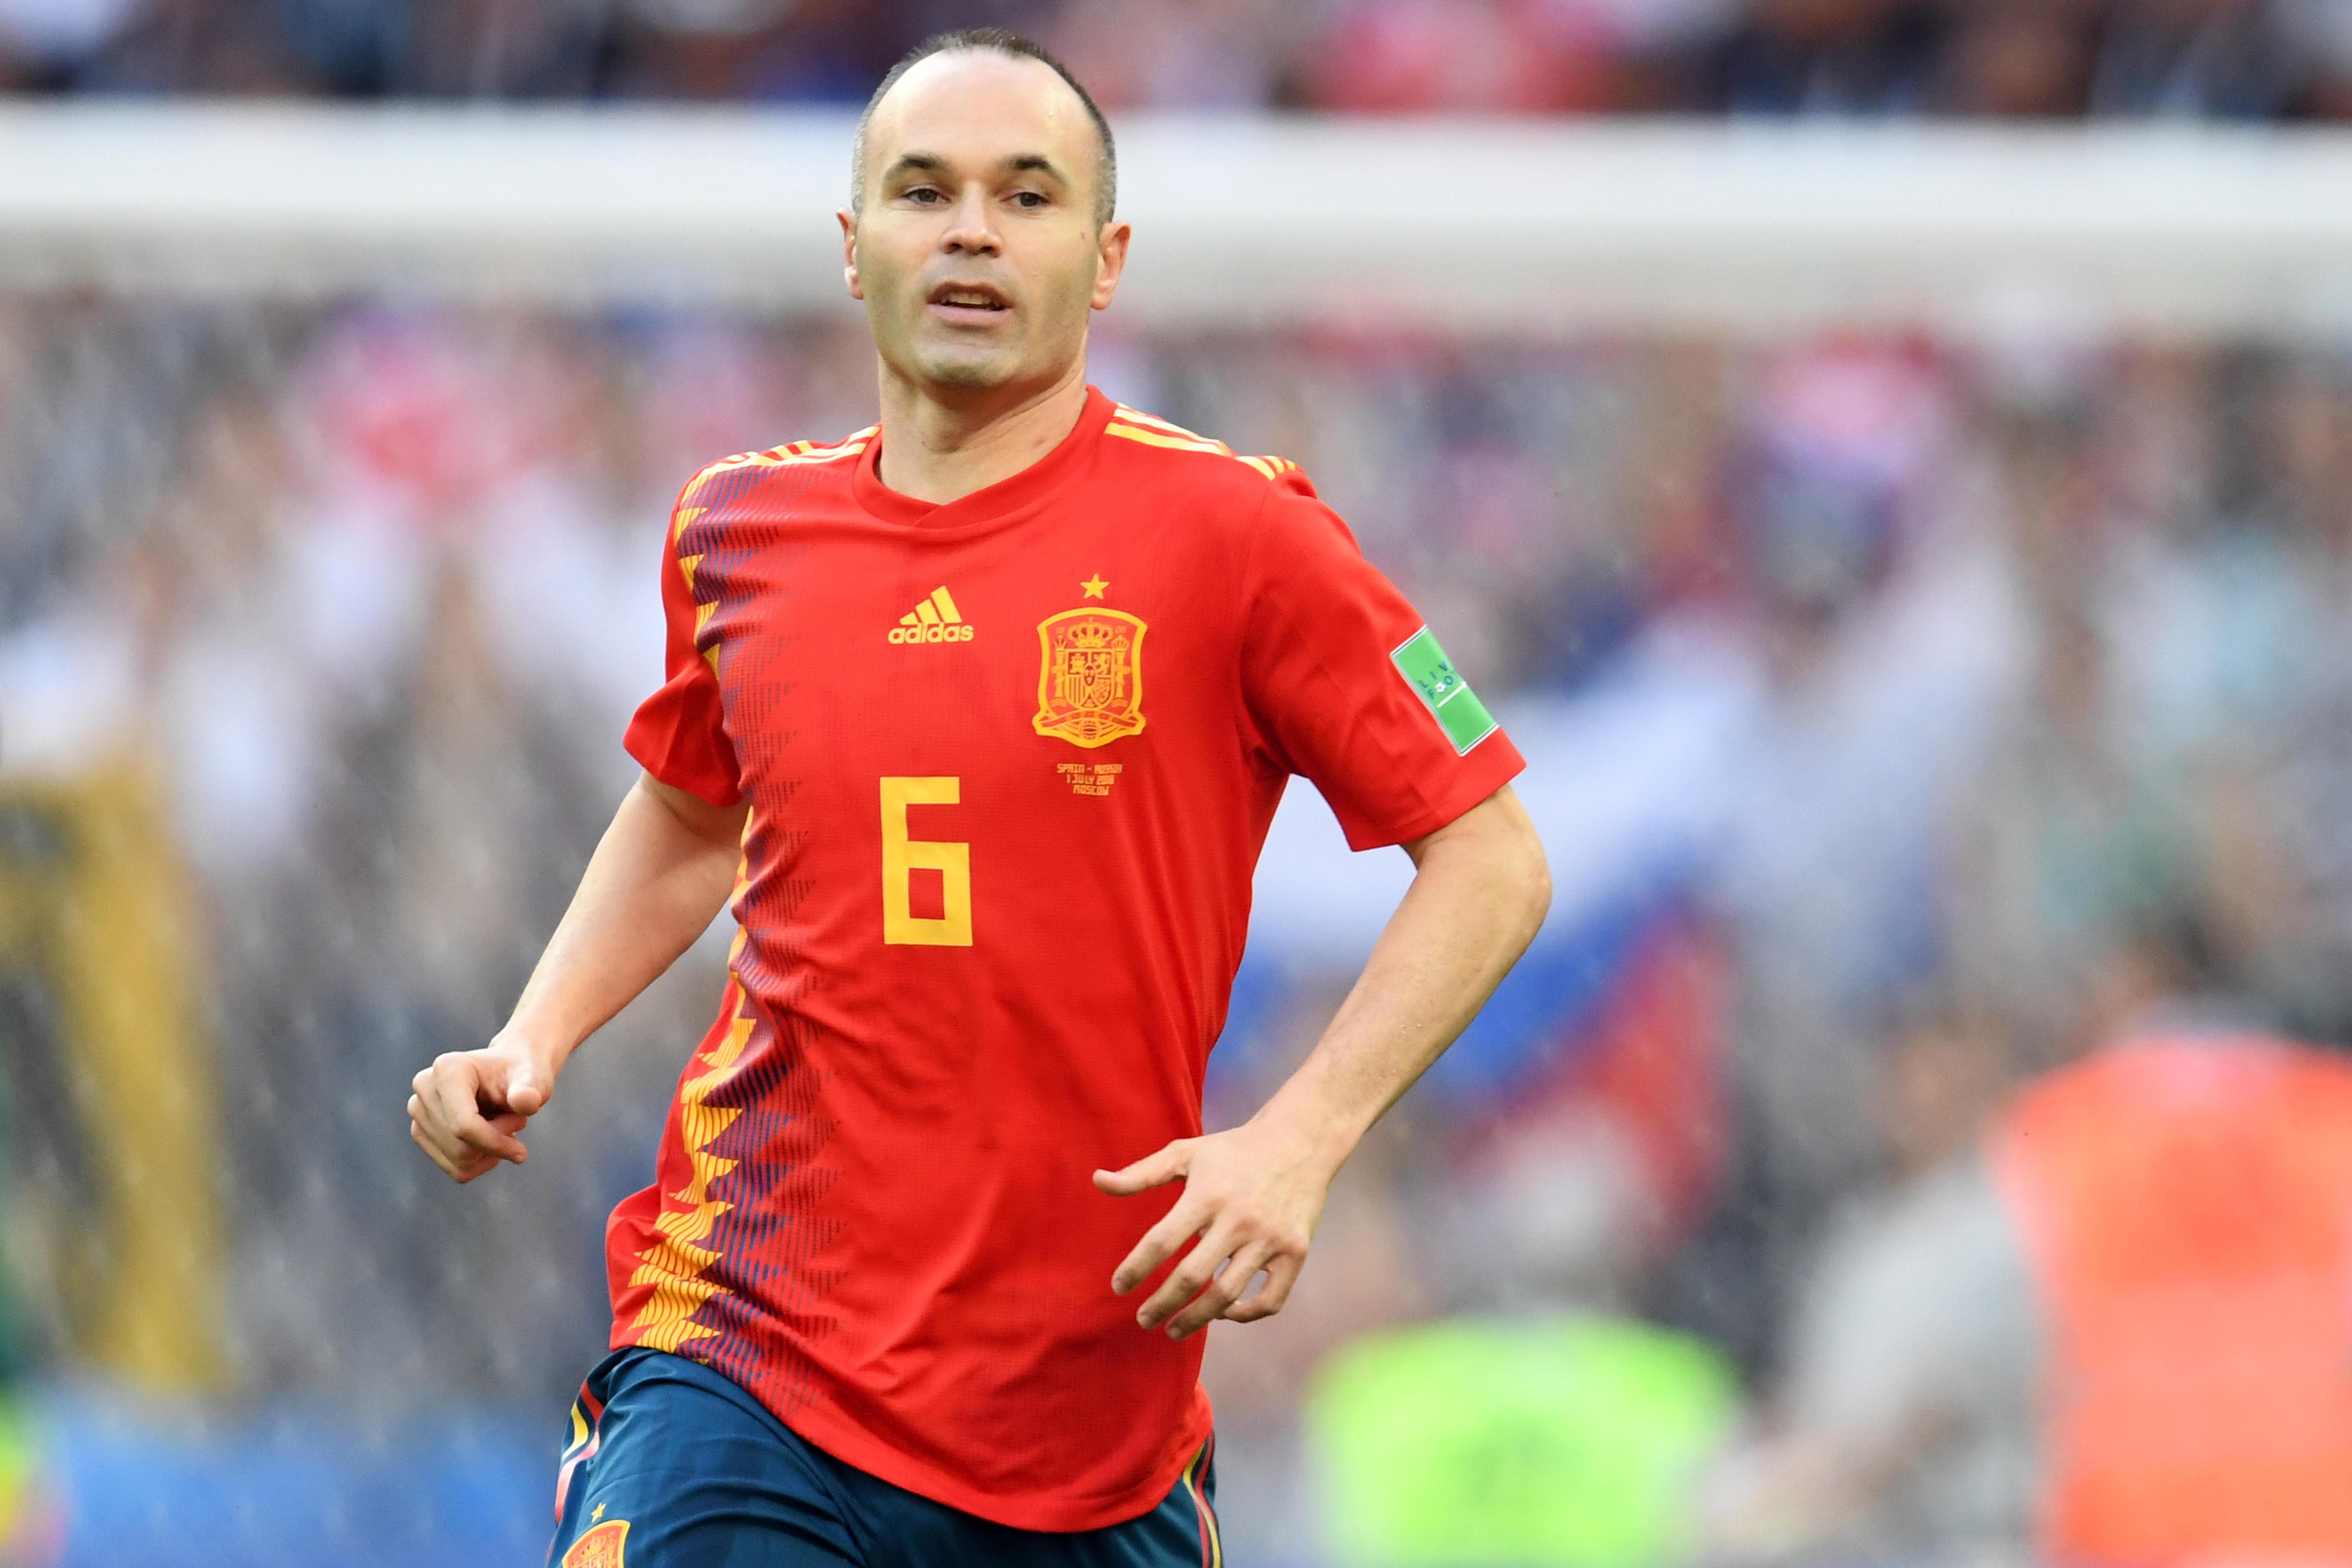 Annunciato prima dei Mondiali, l'addio di Andres Iniesta alla Spagna arriva dopo la sconfitta ai rigori contro la Russia.